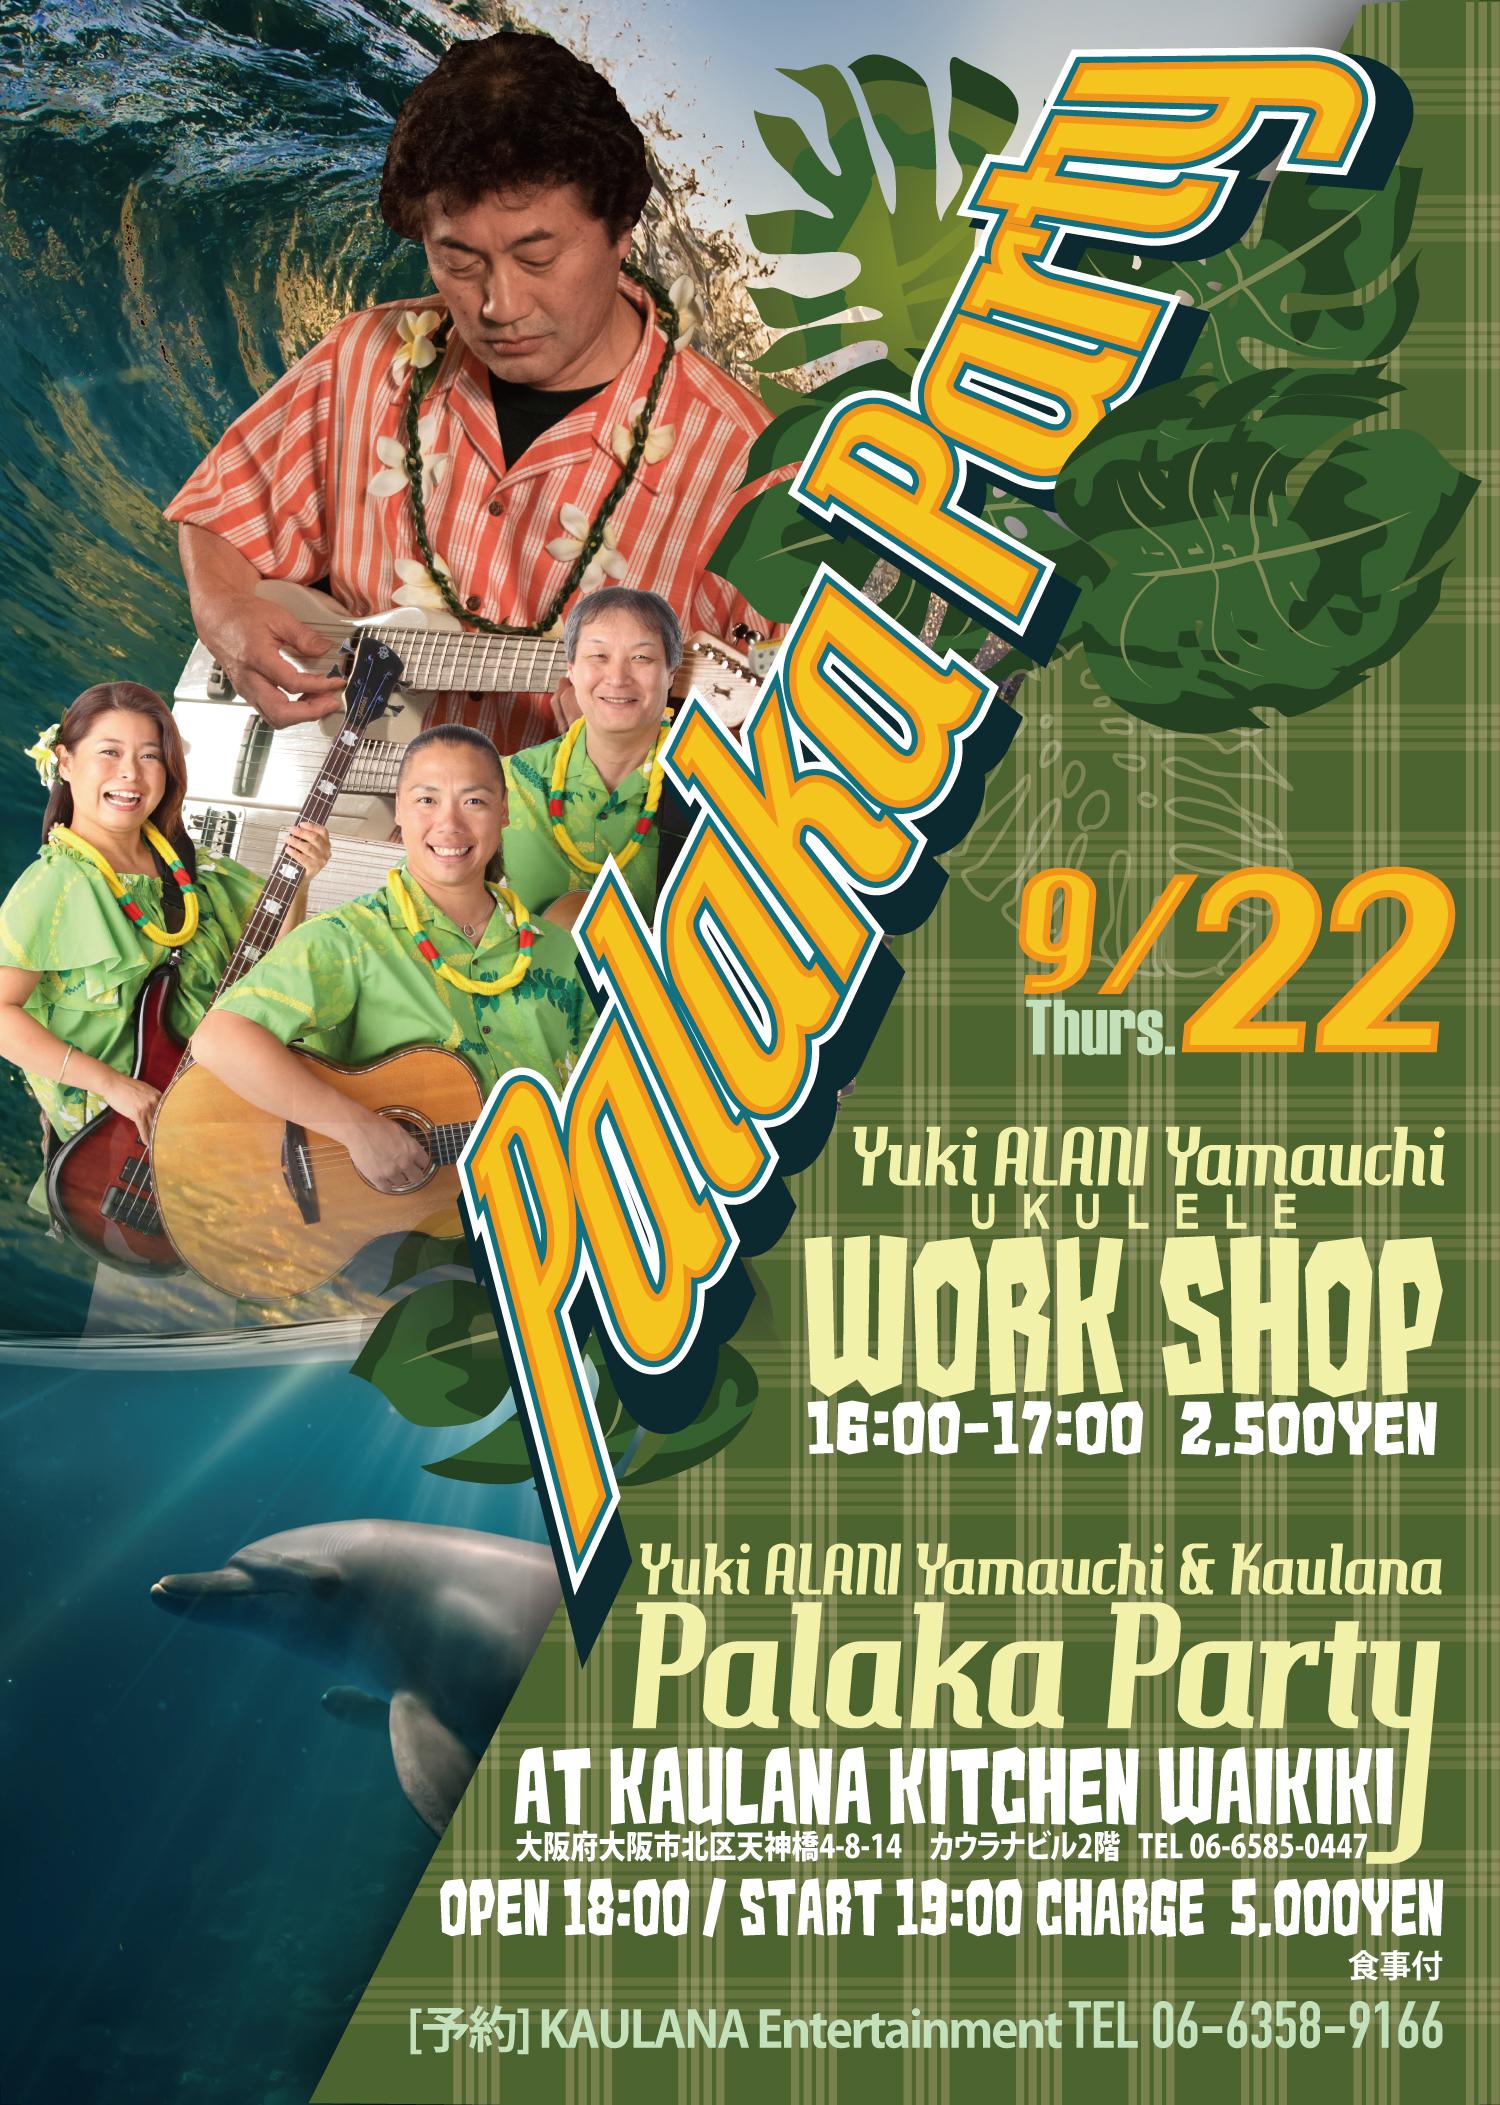 名古屋市東区のホームページ制作 パンフレット制作 ポスター制作会社のOaK 制作実績 palaka party ALANI&Kaulana ポスター制作